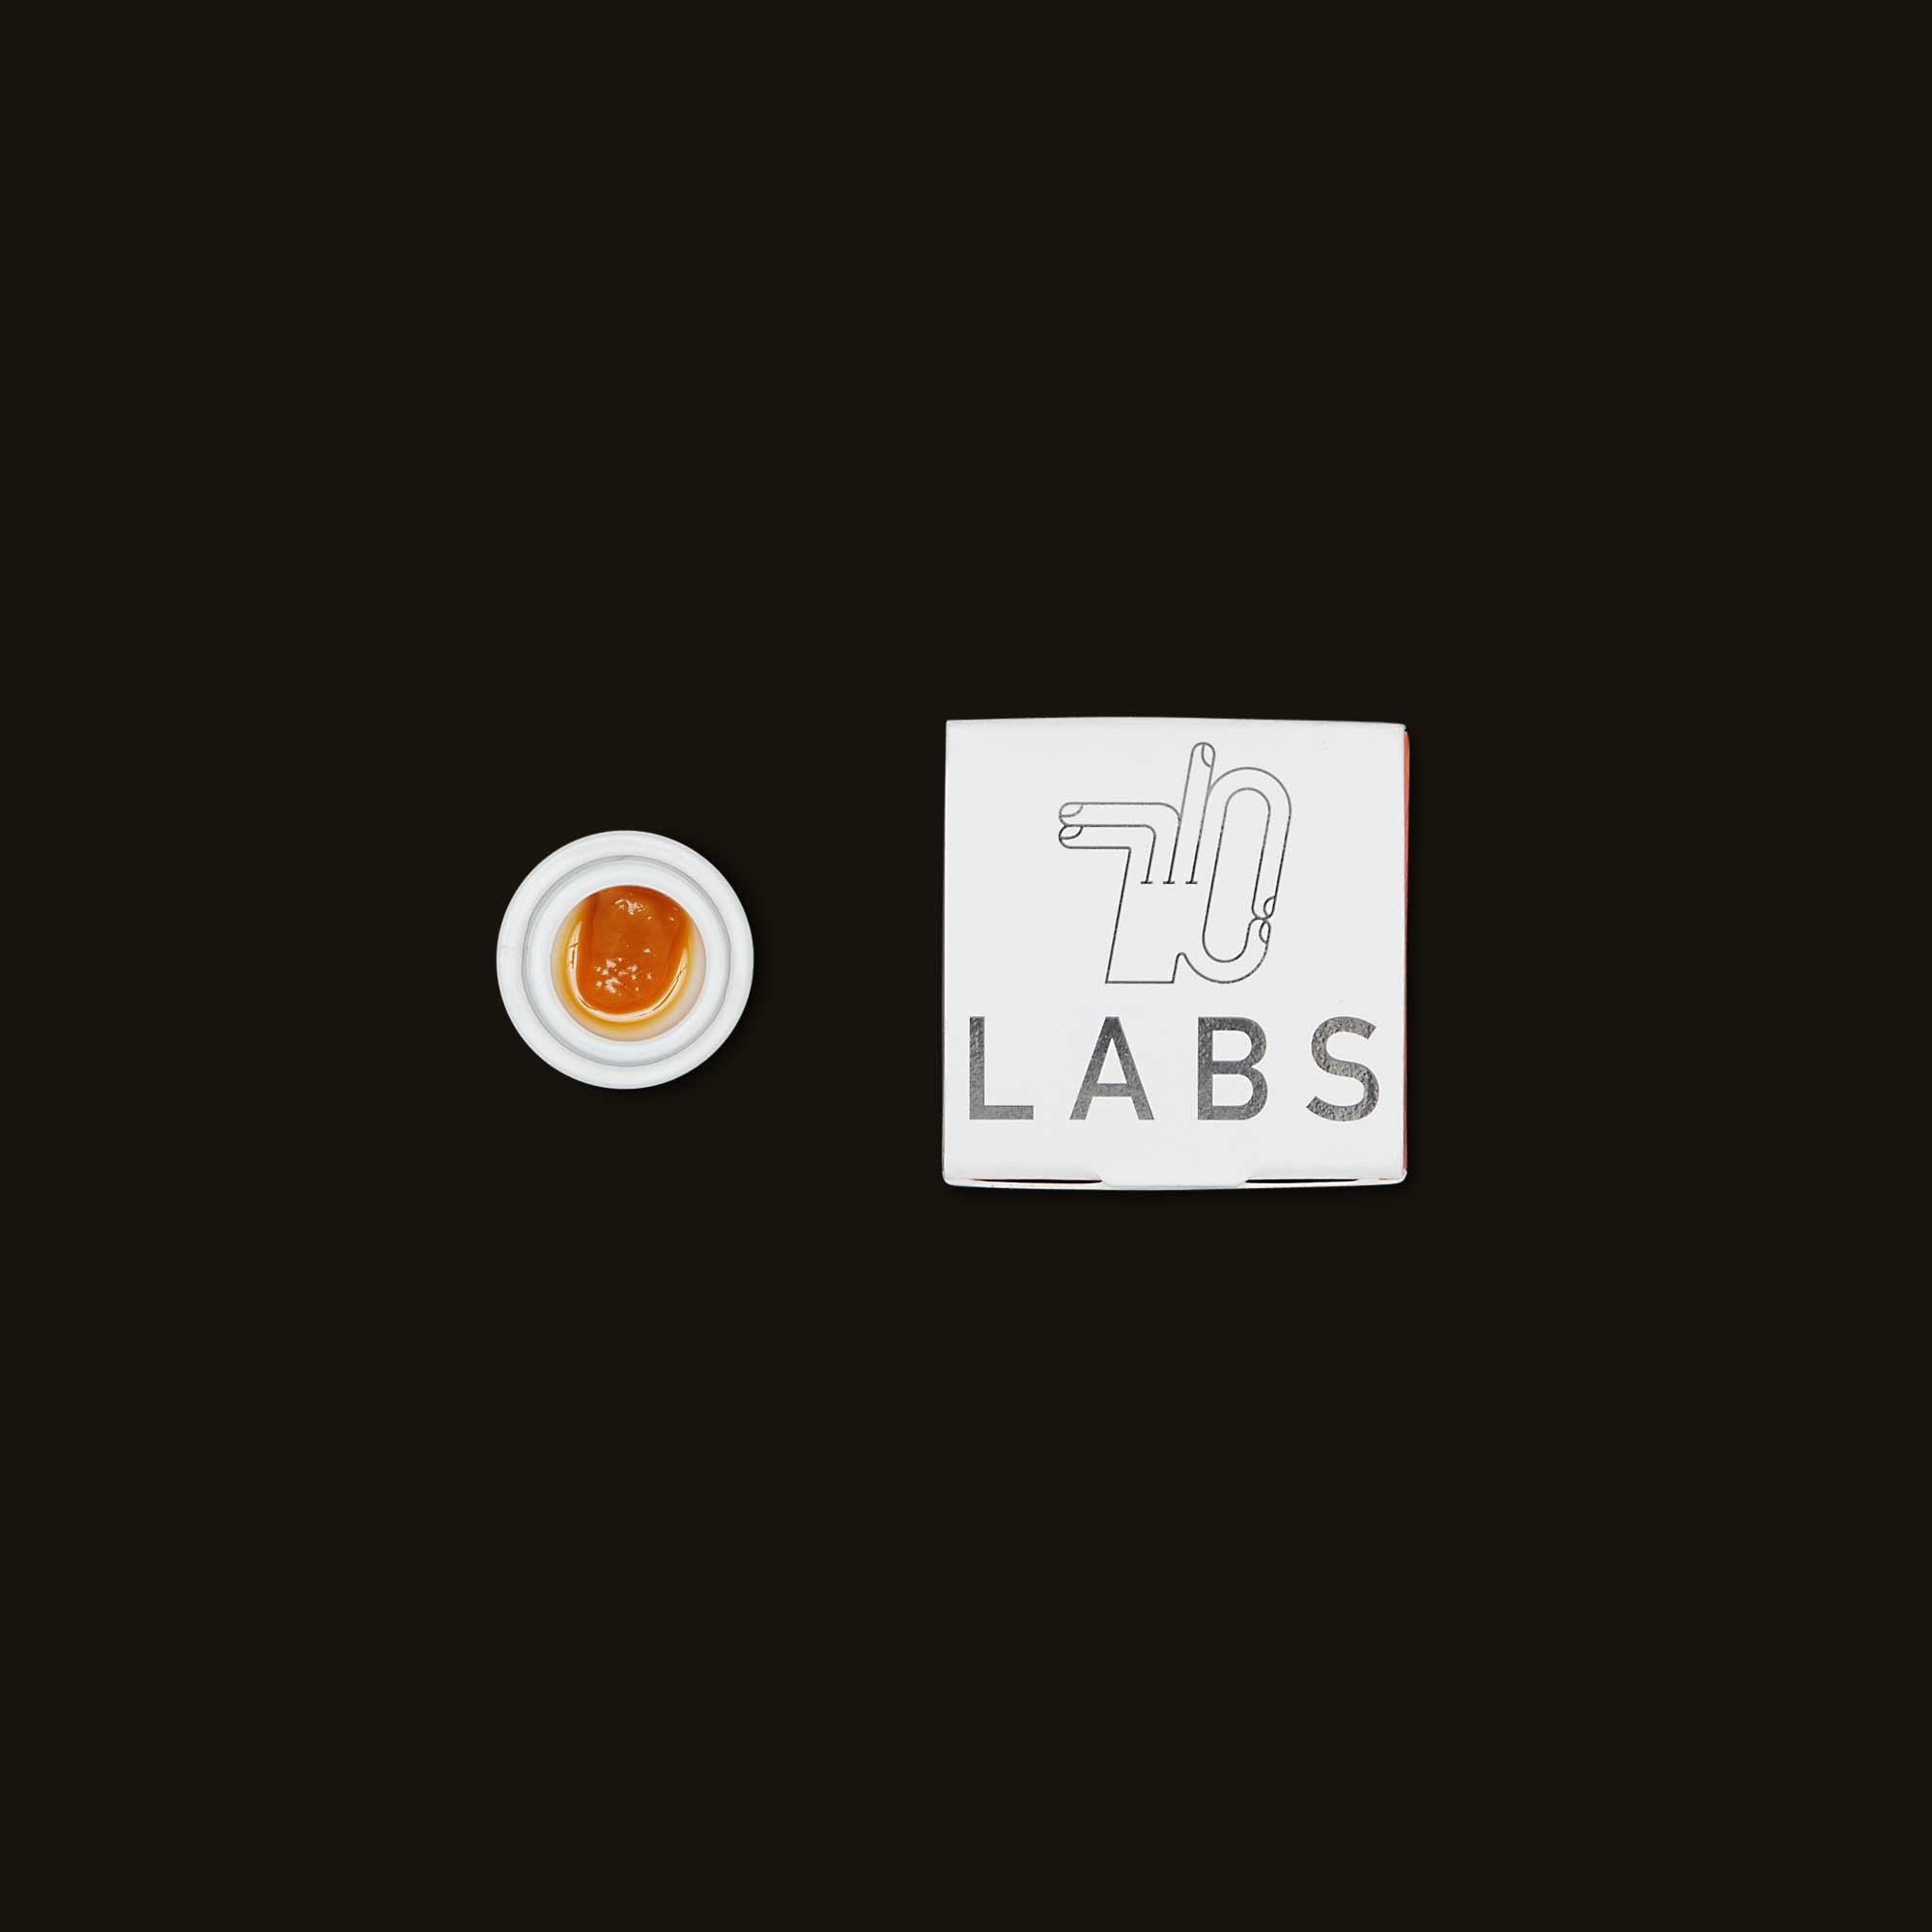 710 Labs Z Cubed Live Badder